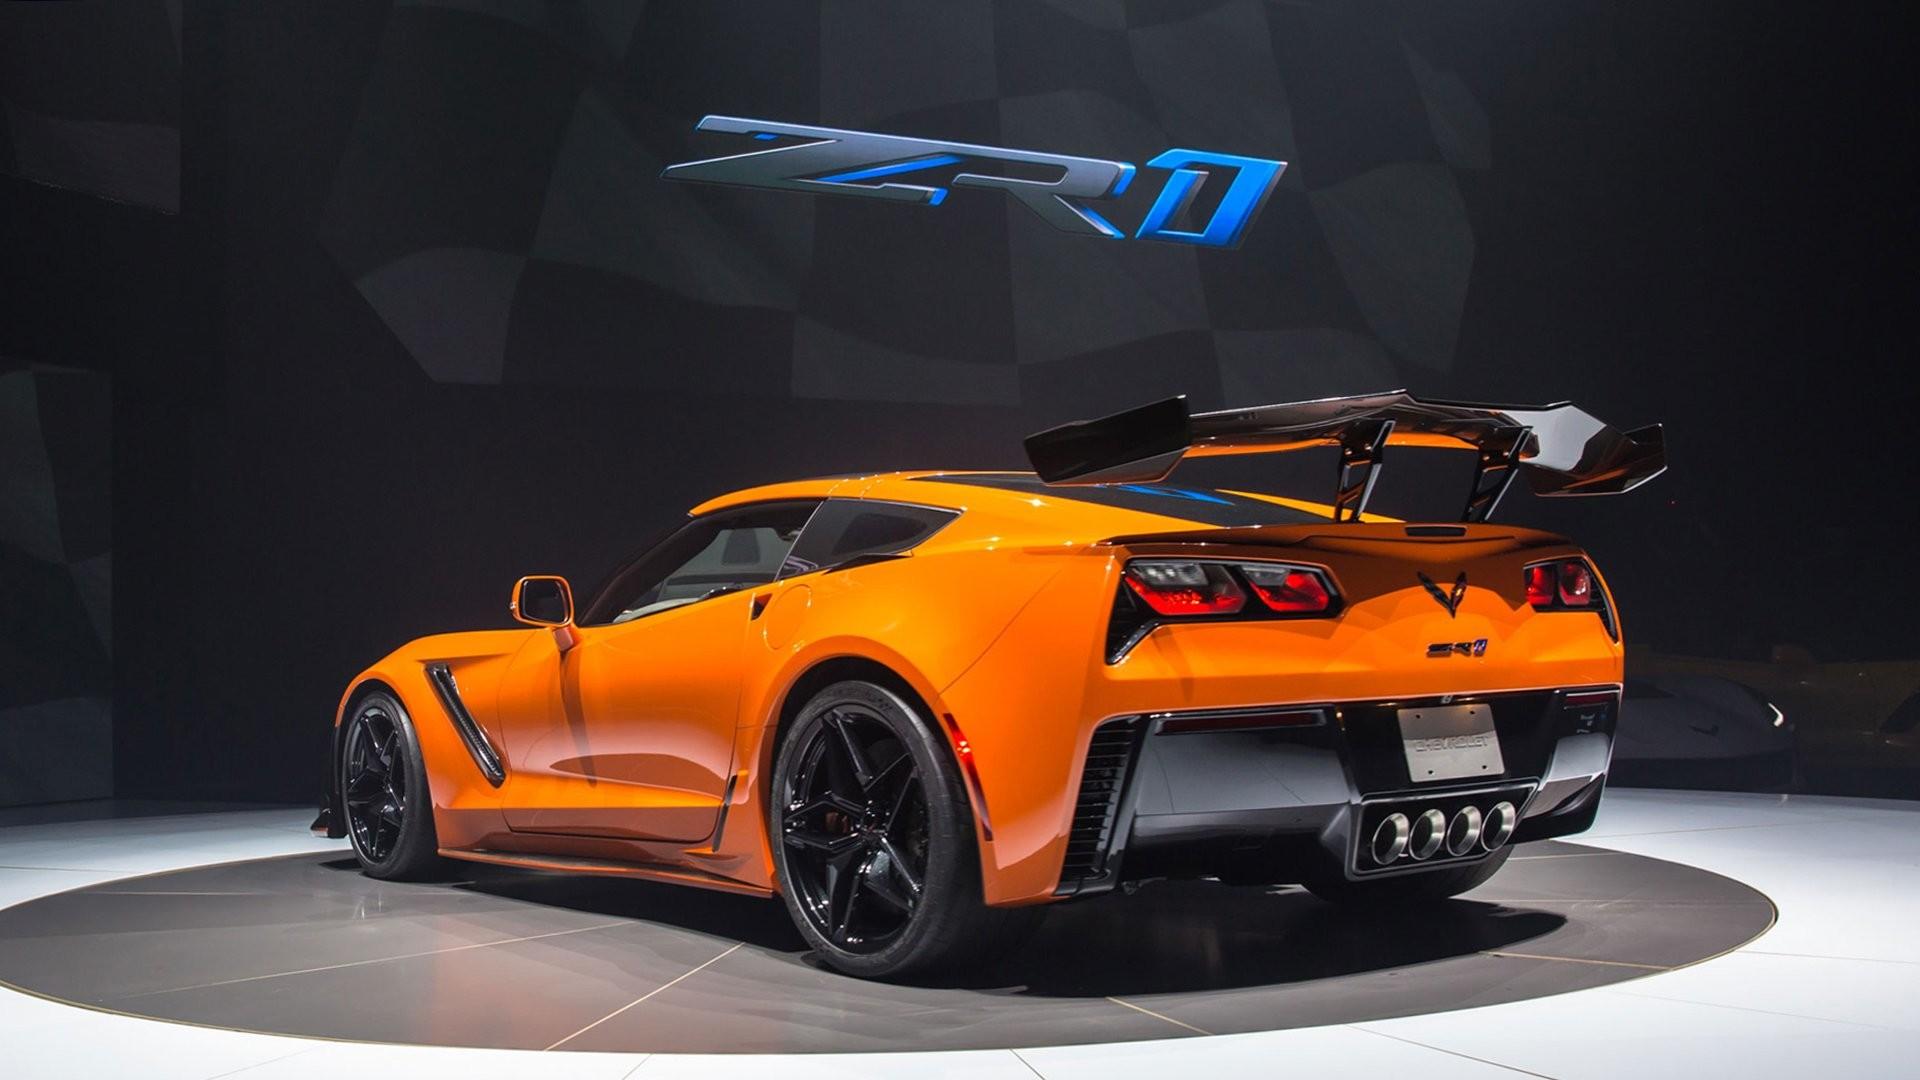 Cars Chevrolet Corvette Z06 Zr1 Sport 2019 Corvette Zr1